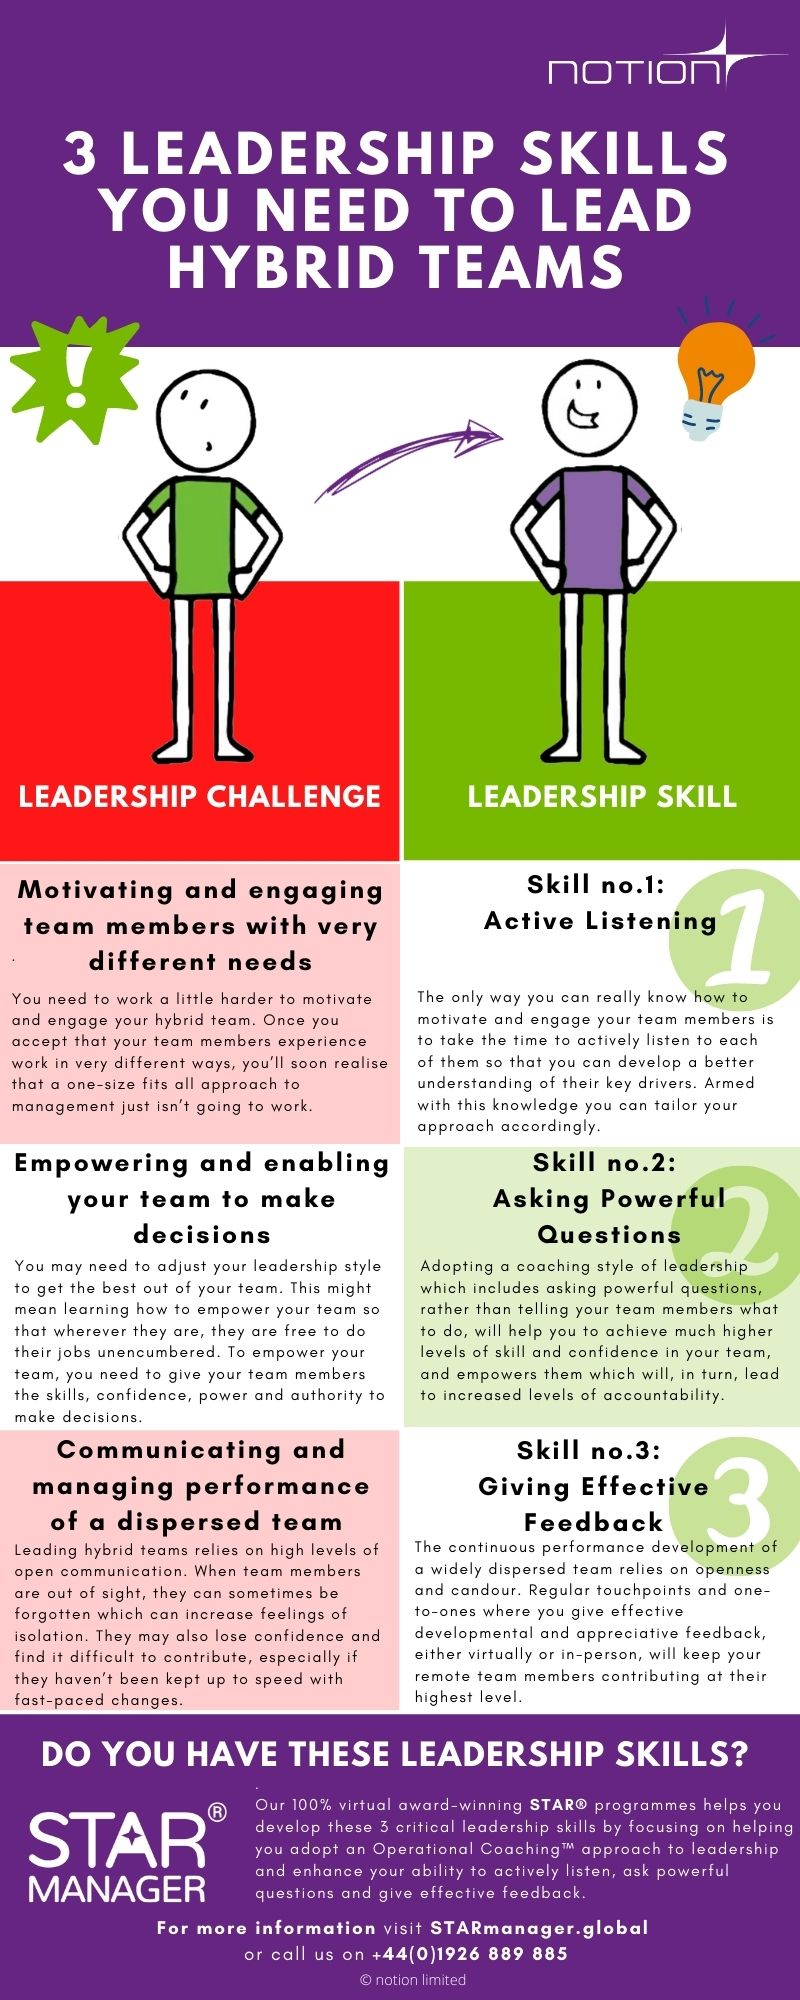 3 Leadership Skills You Need to Lead Hybrid Teams